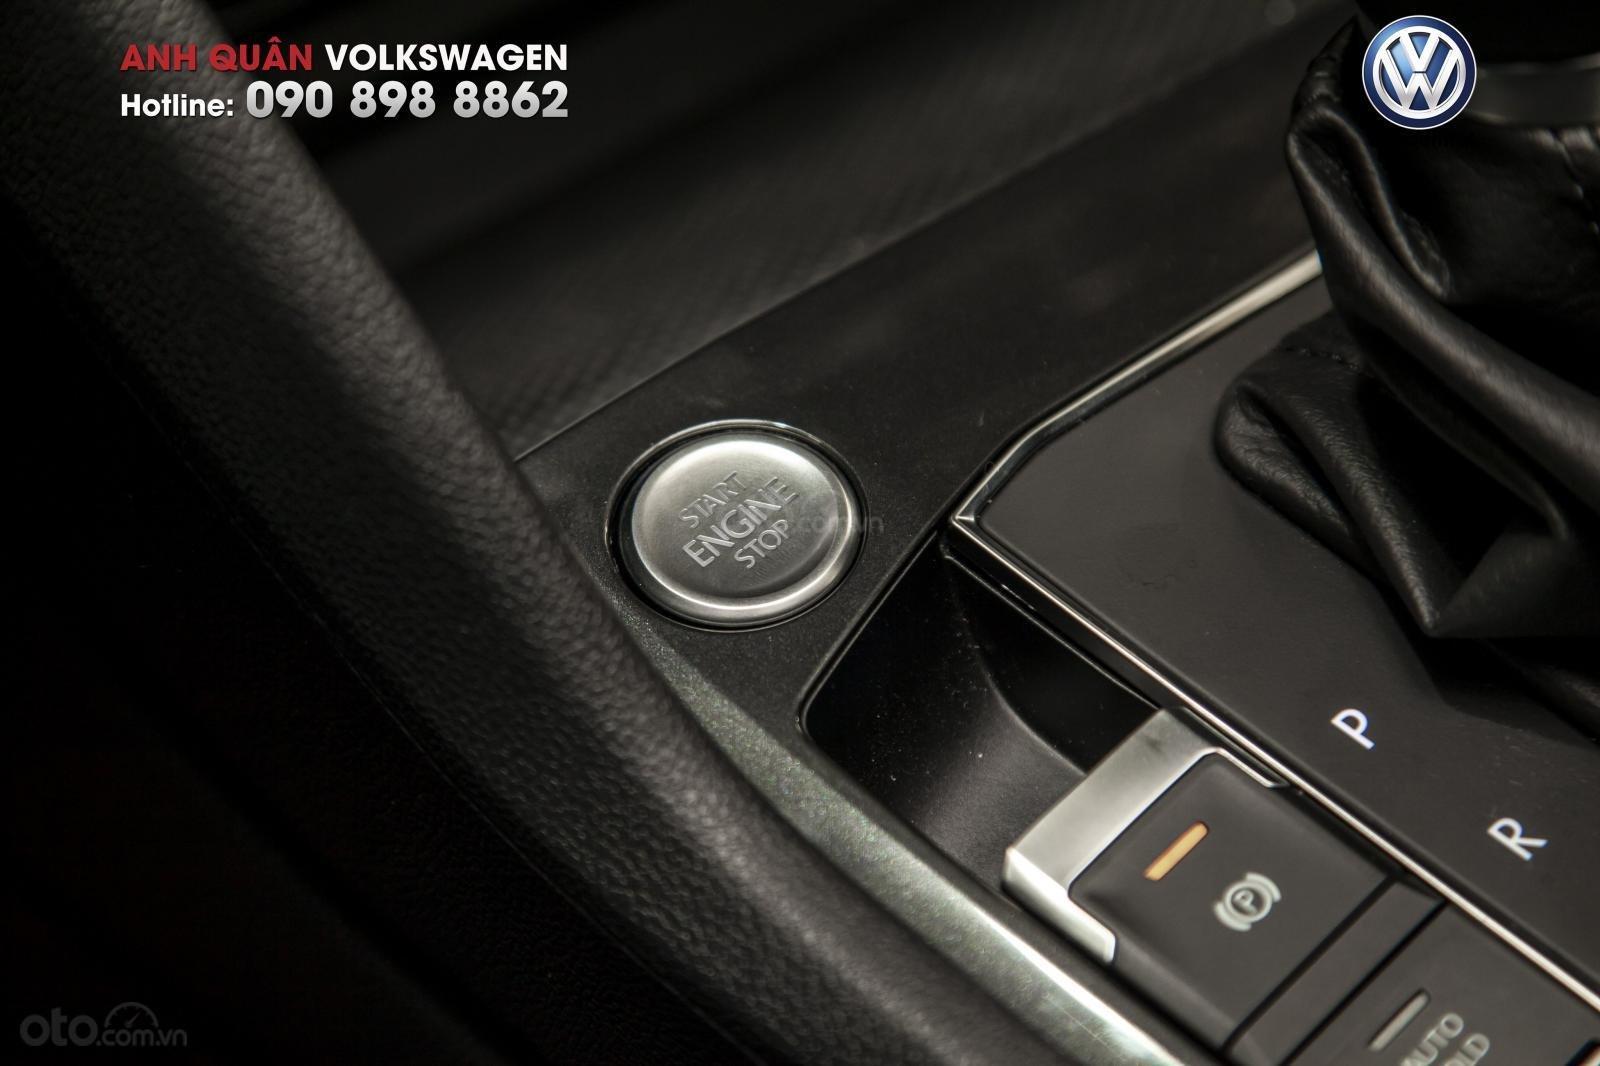 Tiguan Allspace Luxury 2020 - nhập khẩu, đủ màu, giao ngay|Hotline: 090-898-8862 (Anh Quân - VW Sài Gòn) (13)